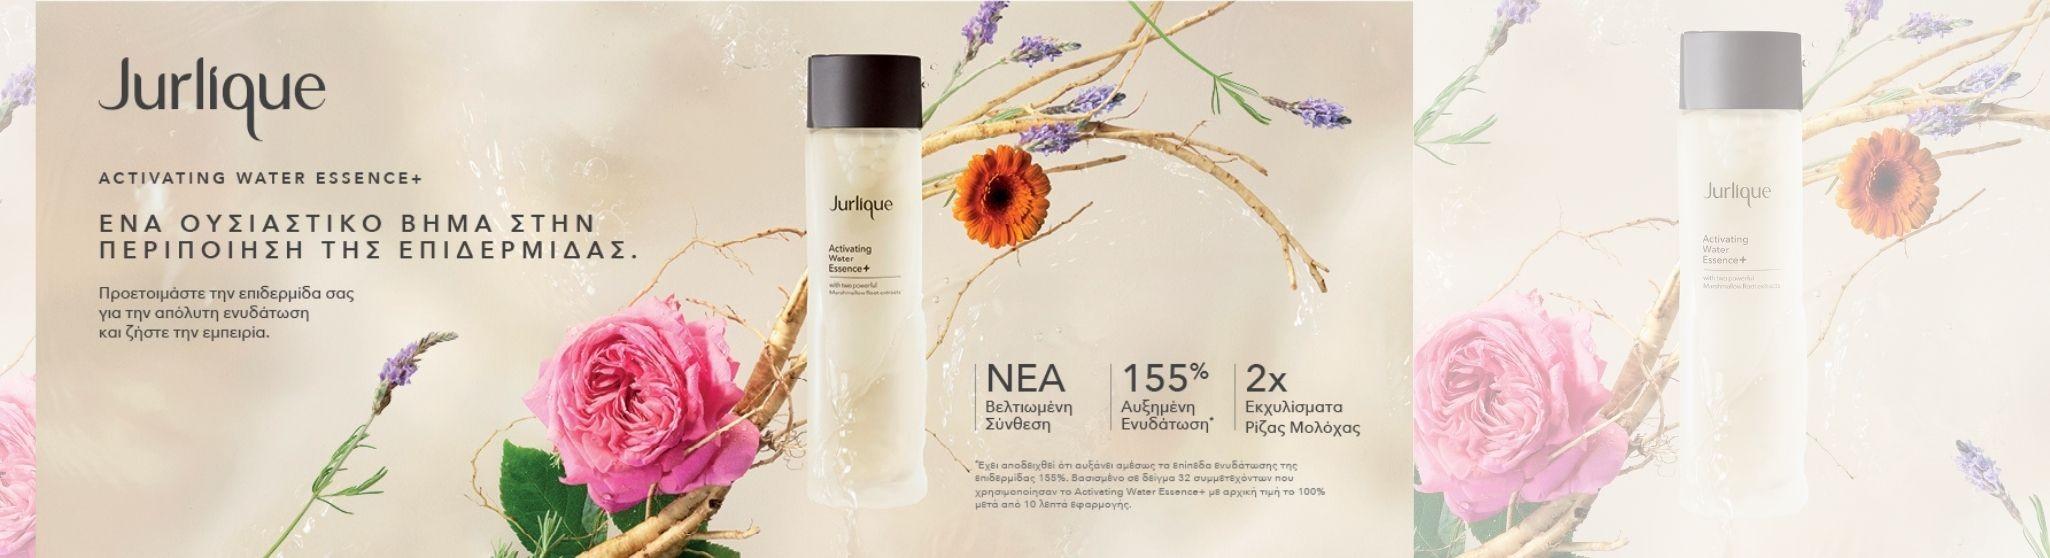 Jurlique Activating Water Essence + 150ml